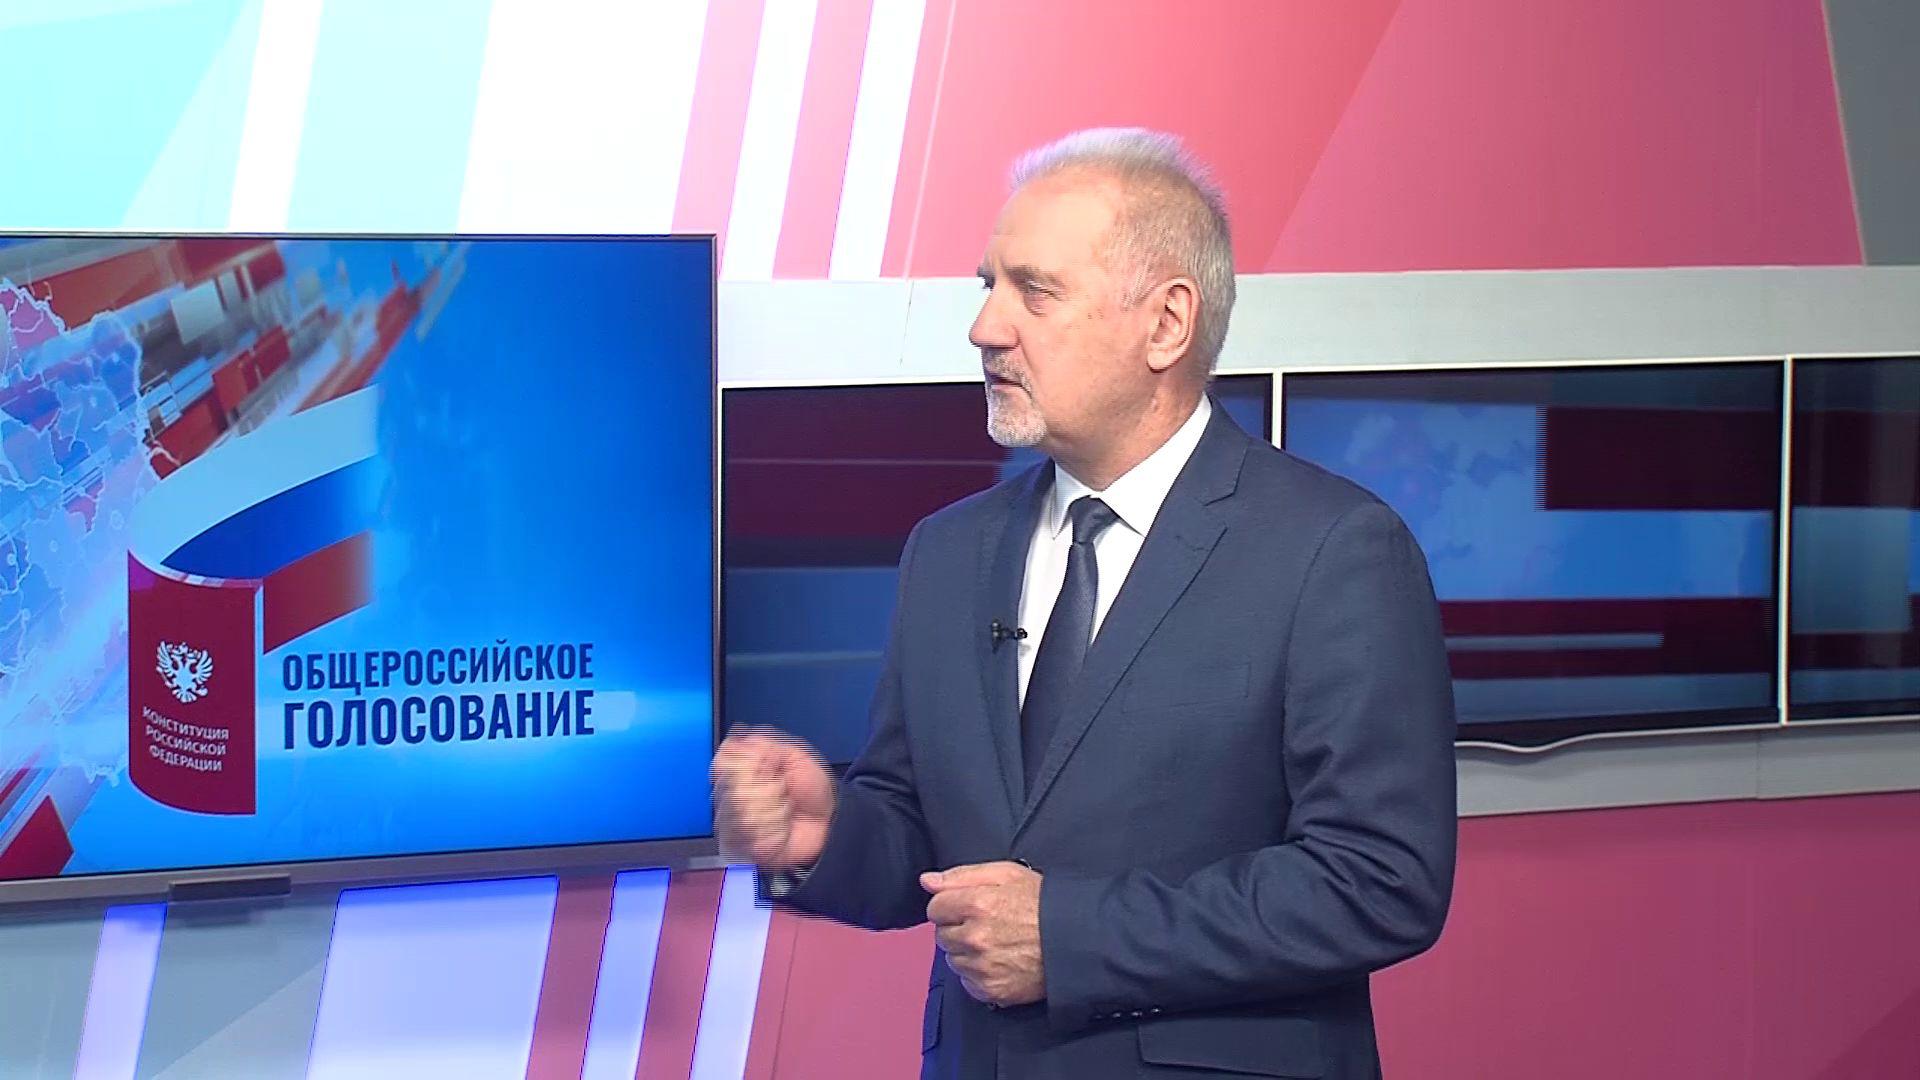 Сергей Бабуркин: «Поправки усиливает социальный характер нашего государства»